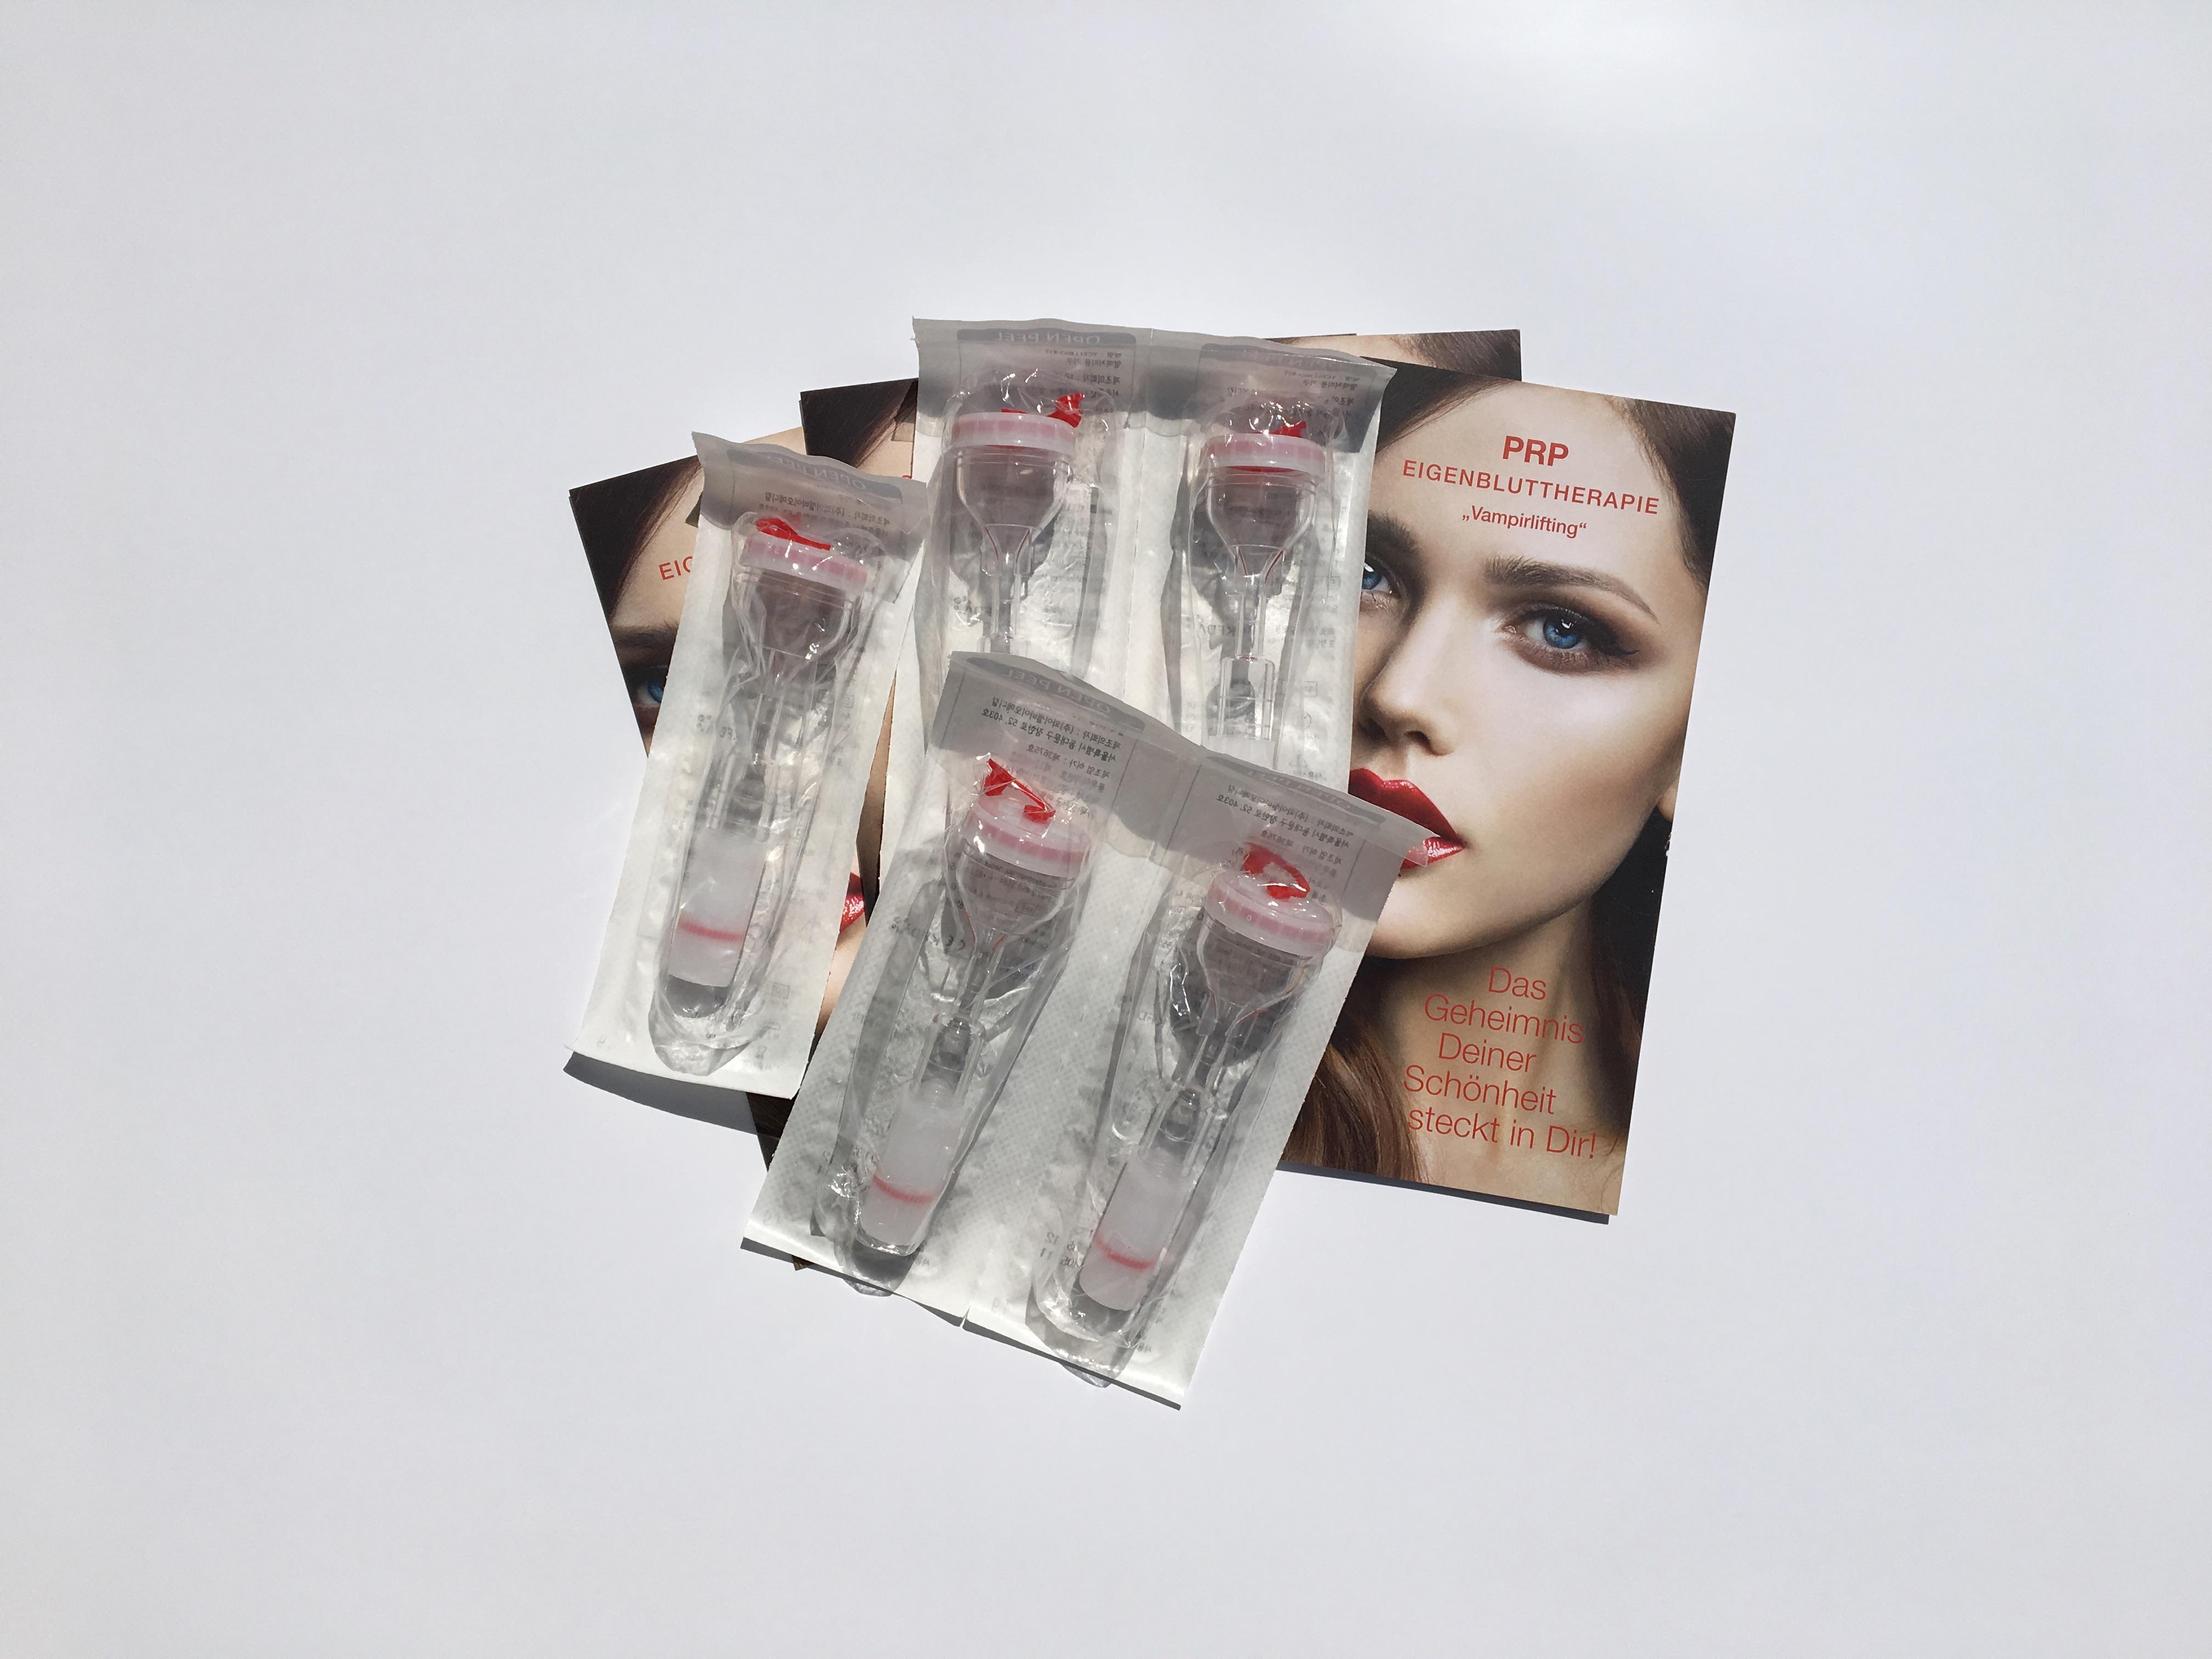 PRP-Kits von YCell verfügbar im Dermalifting-Shop